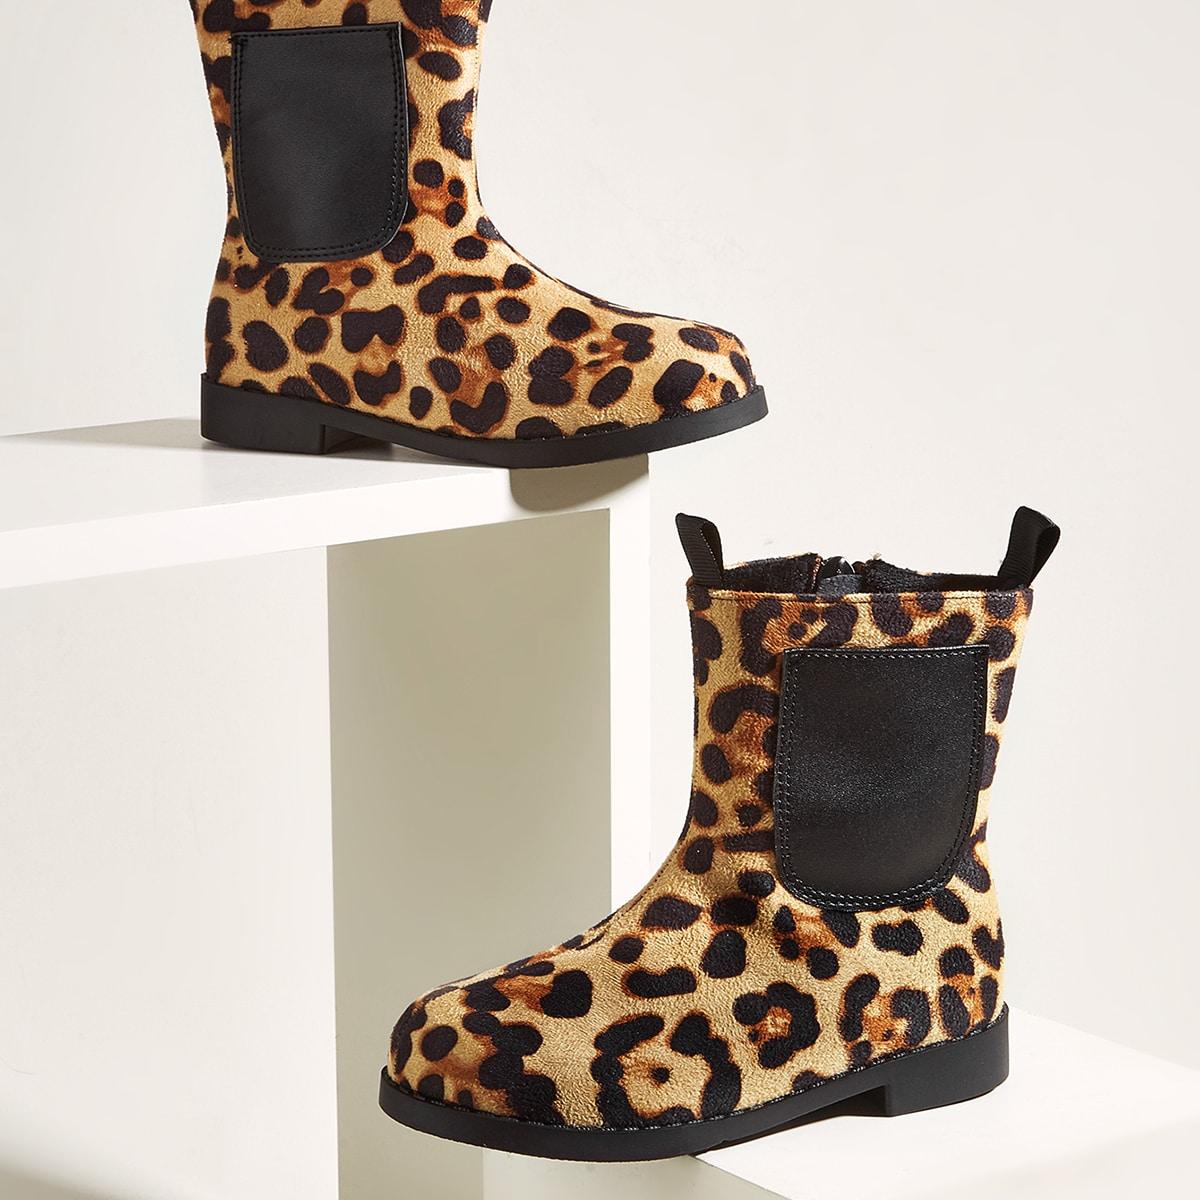 для девочек Ботинки с леопардовым принтом с карманом SheIn sk2108164920833537